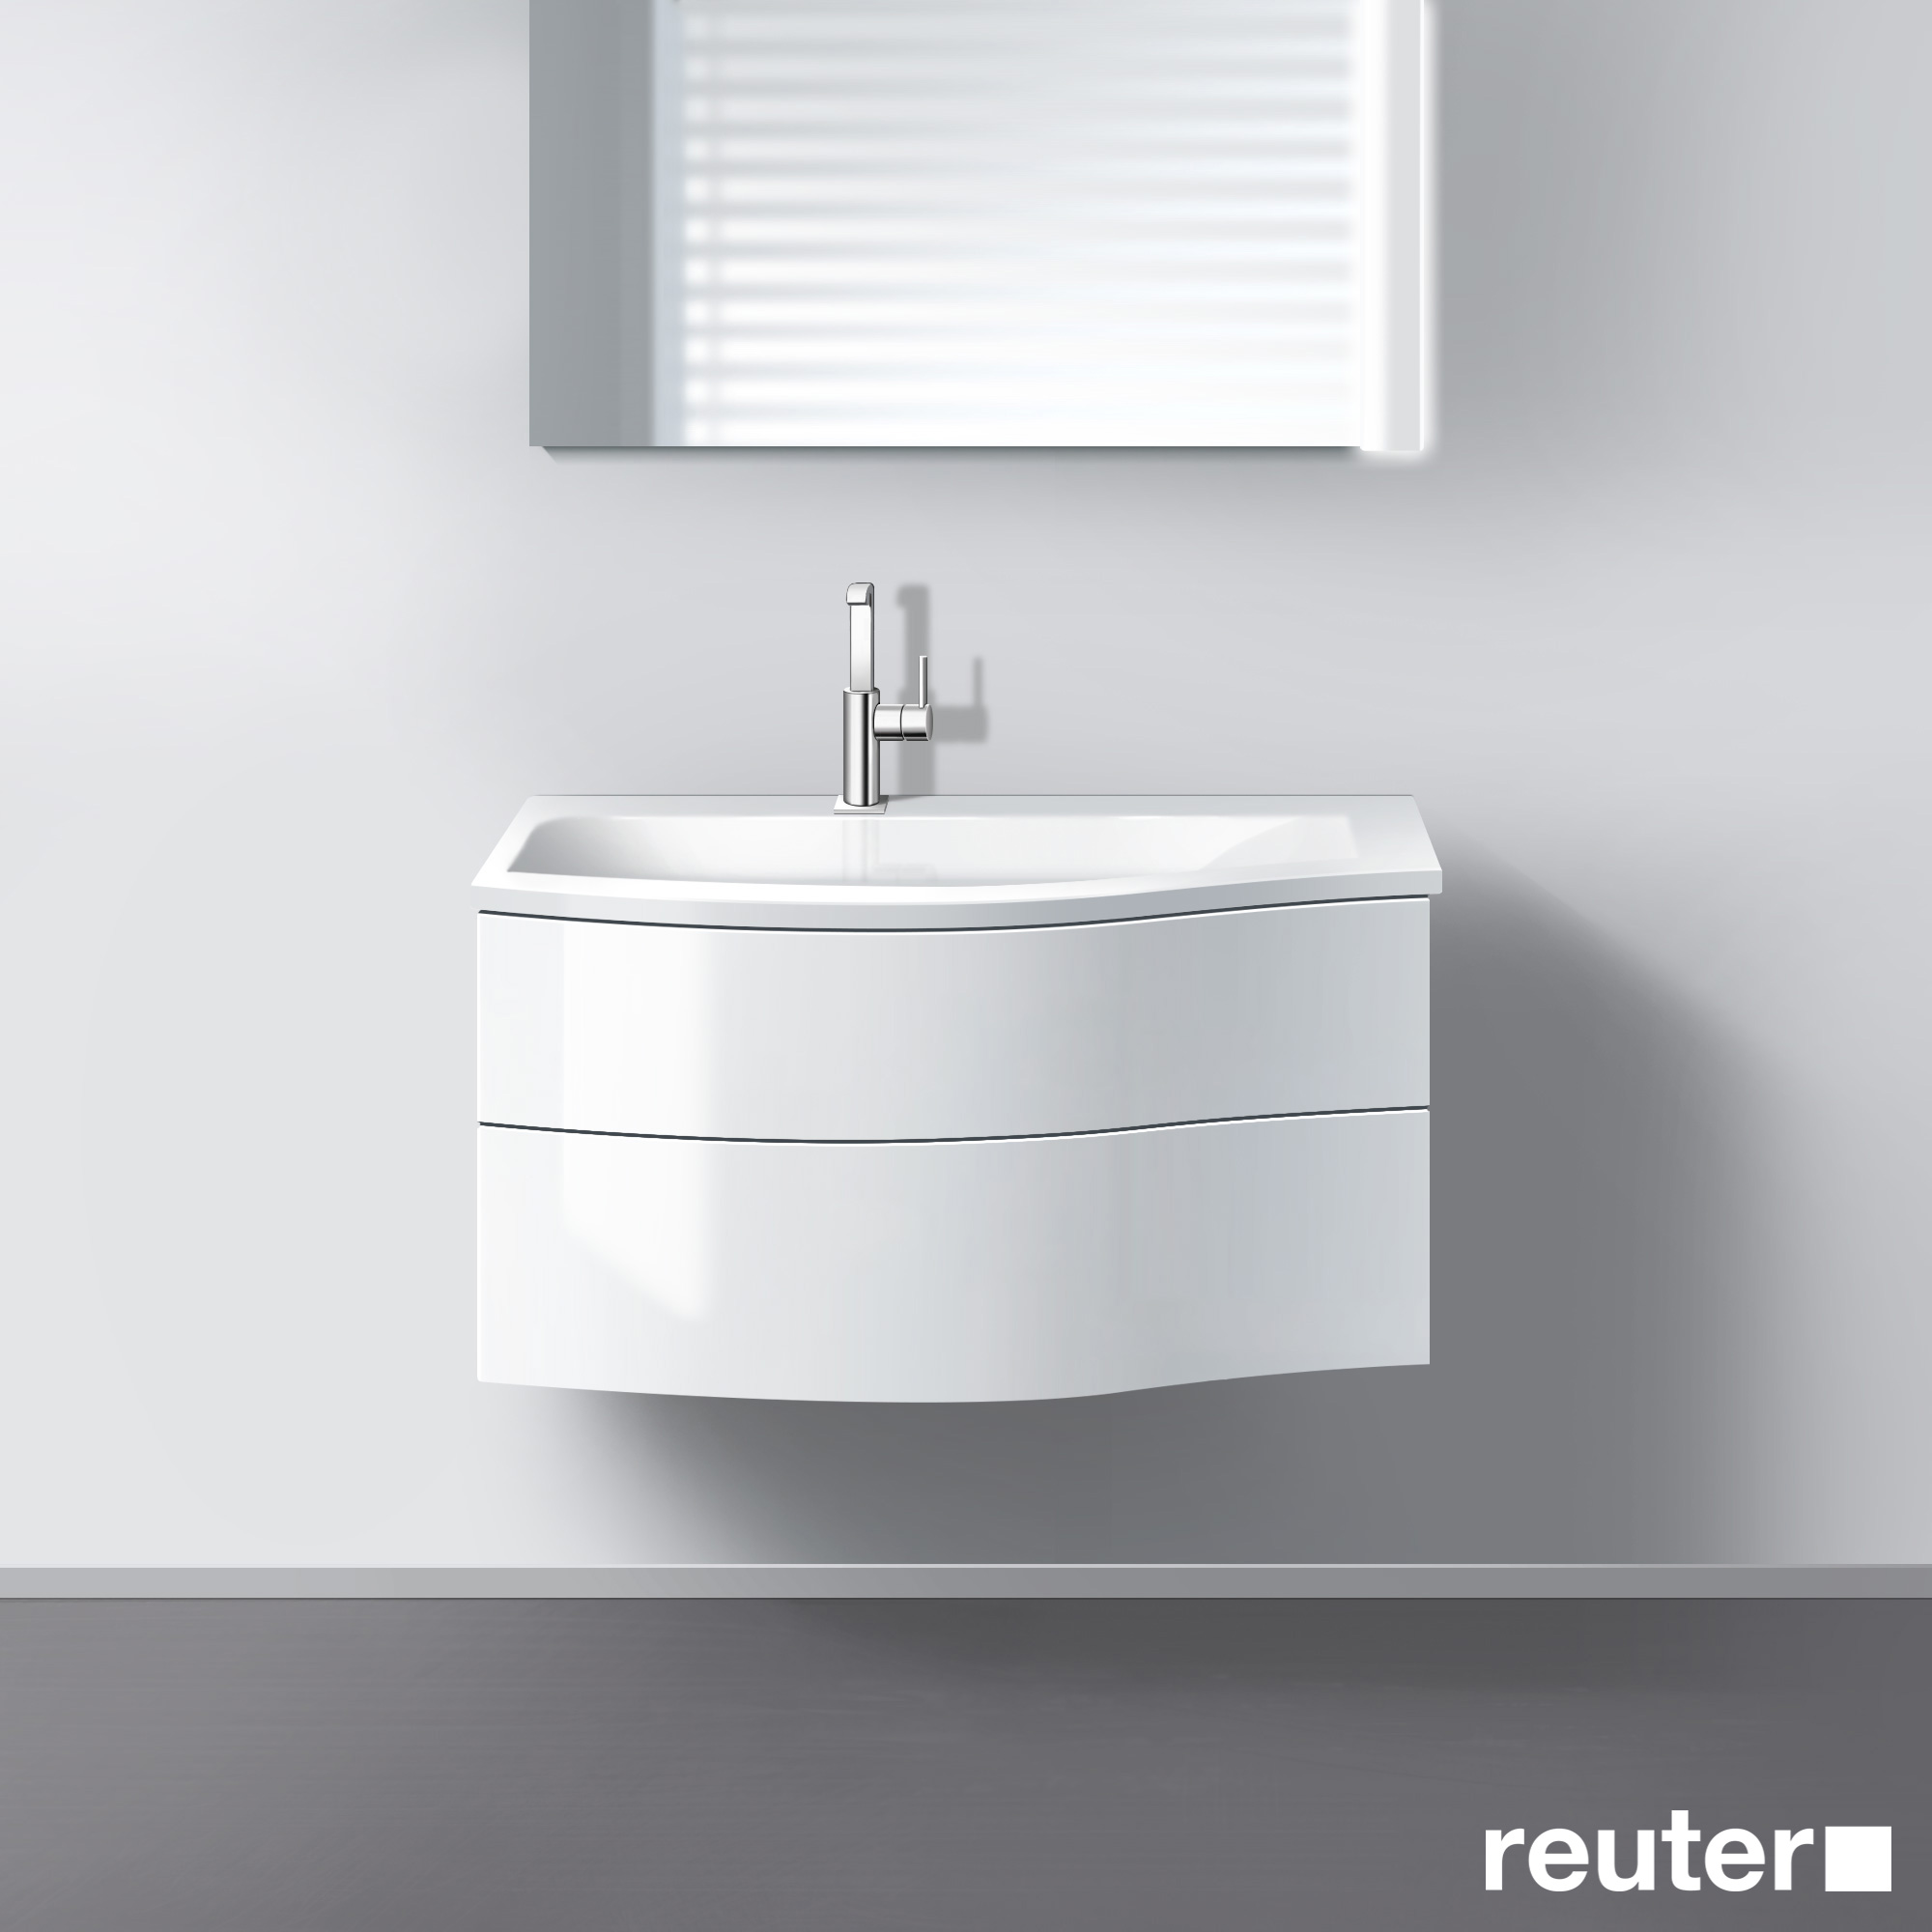 burg sinea waschtischunterschrank mit waschtisch und 2 ausz gen front wei hochglanz korpus wei. Black Bedroom Furniture Sets. Home Design Ideas